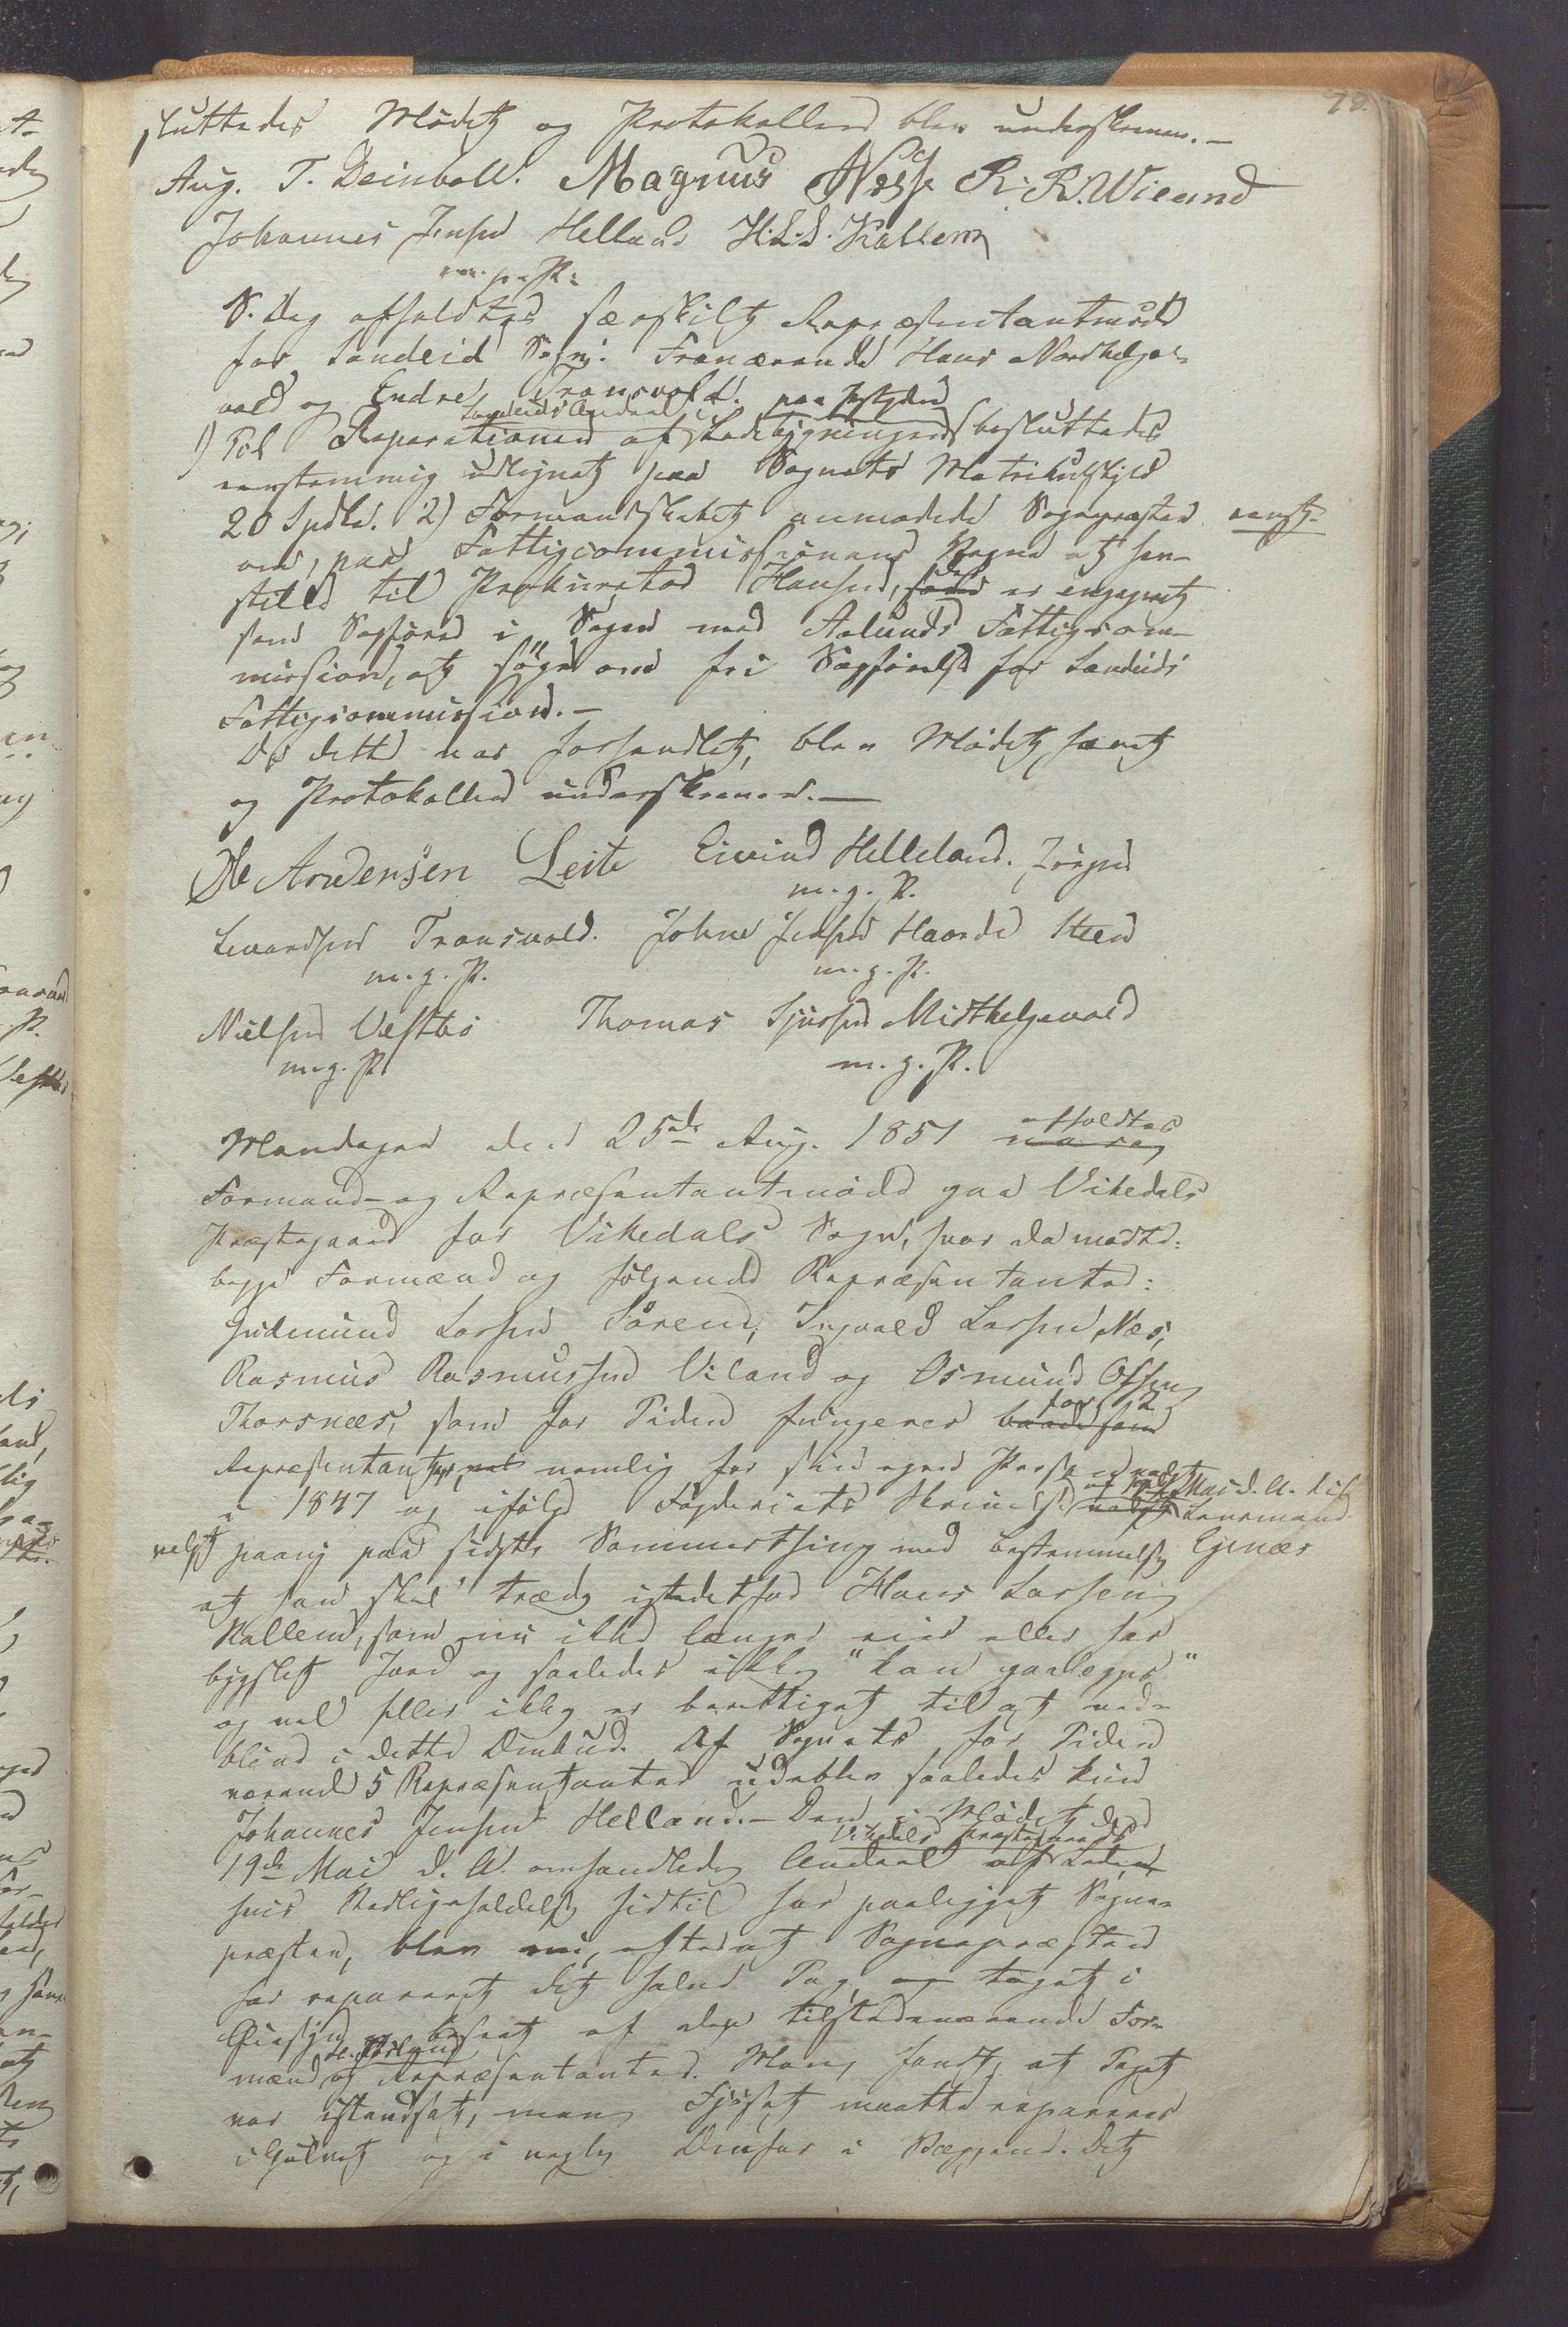 IKAR, Vikedal kommune - Formannskapet, Aaa/L0001: Møtebok, 1837-1874, s. 78a